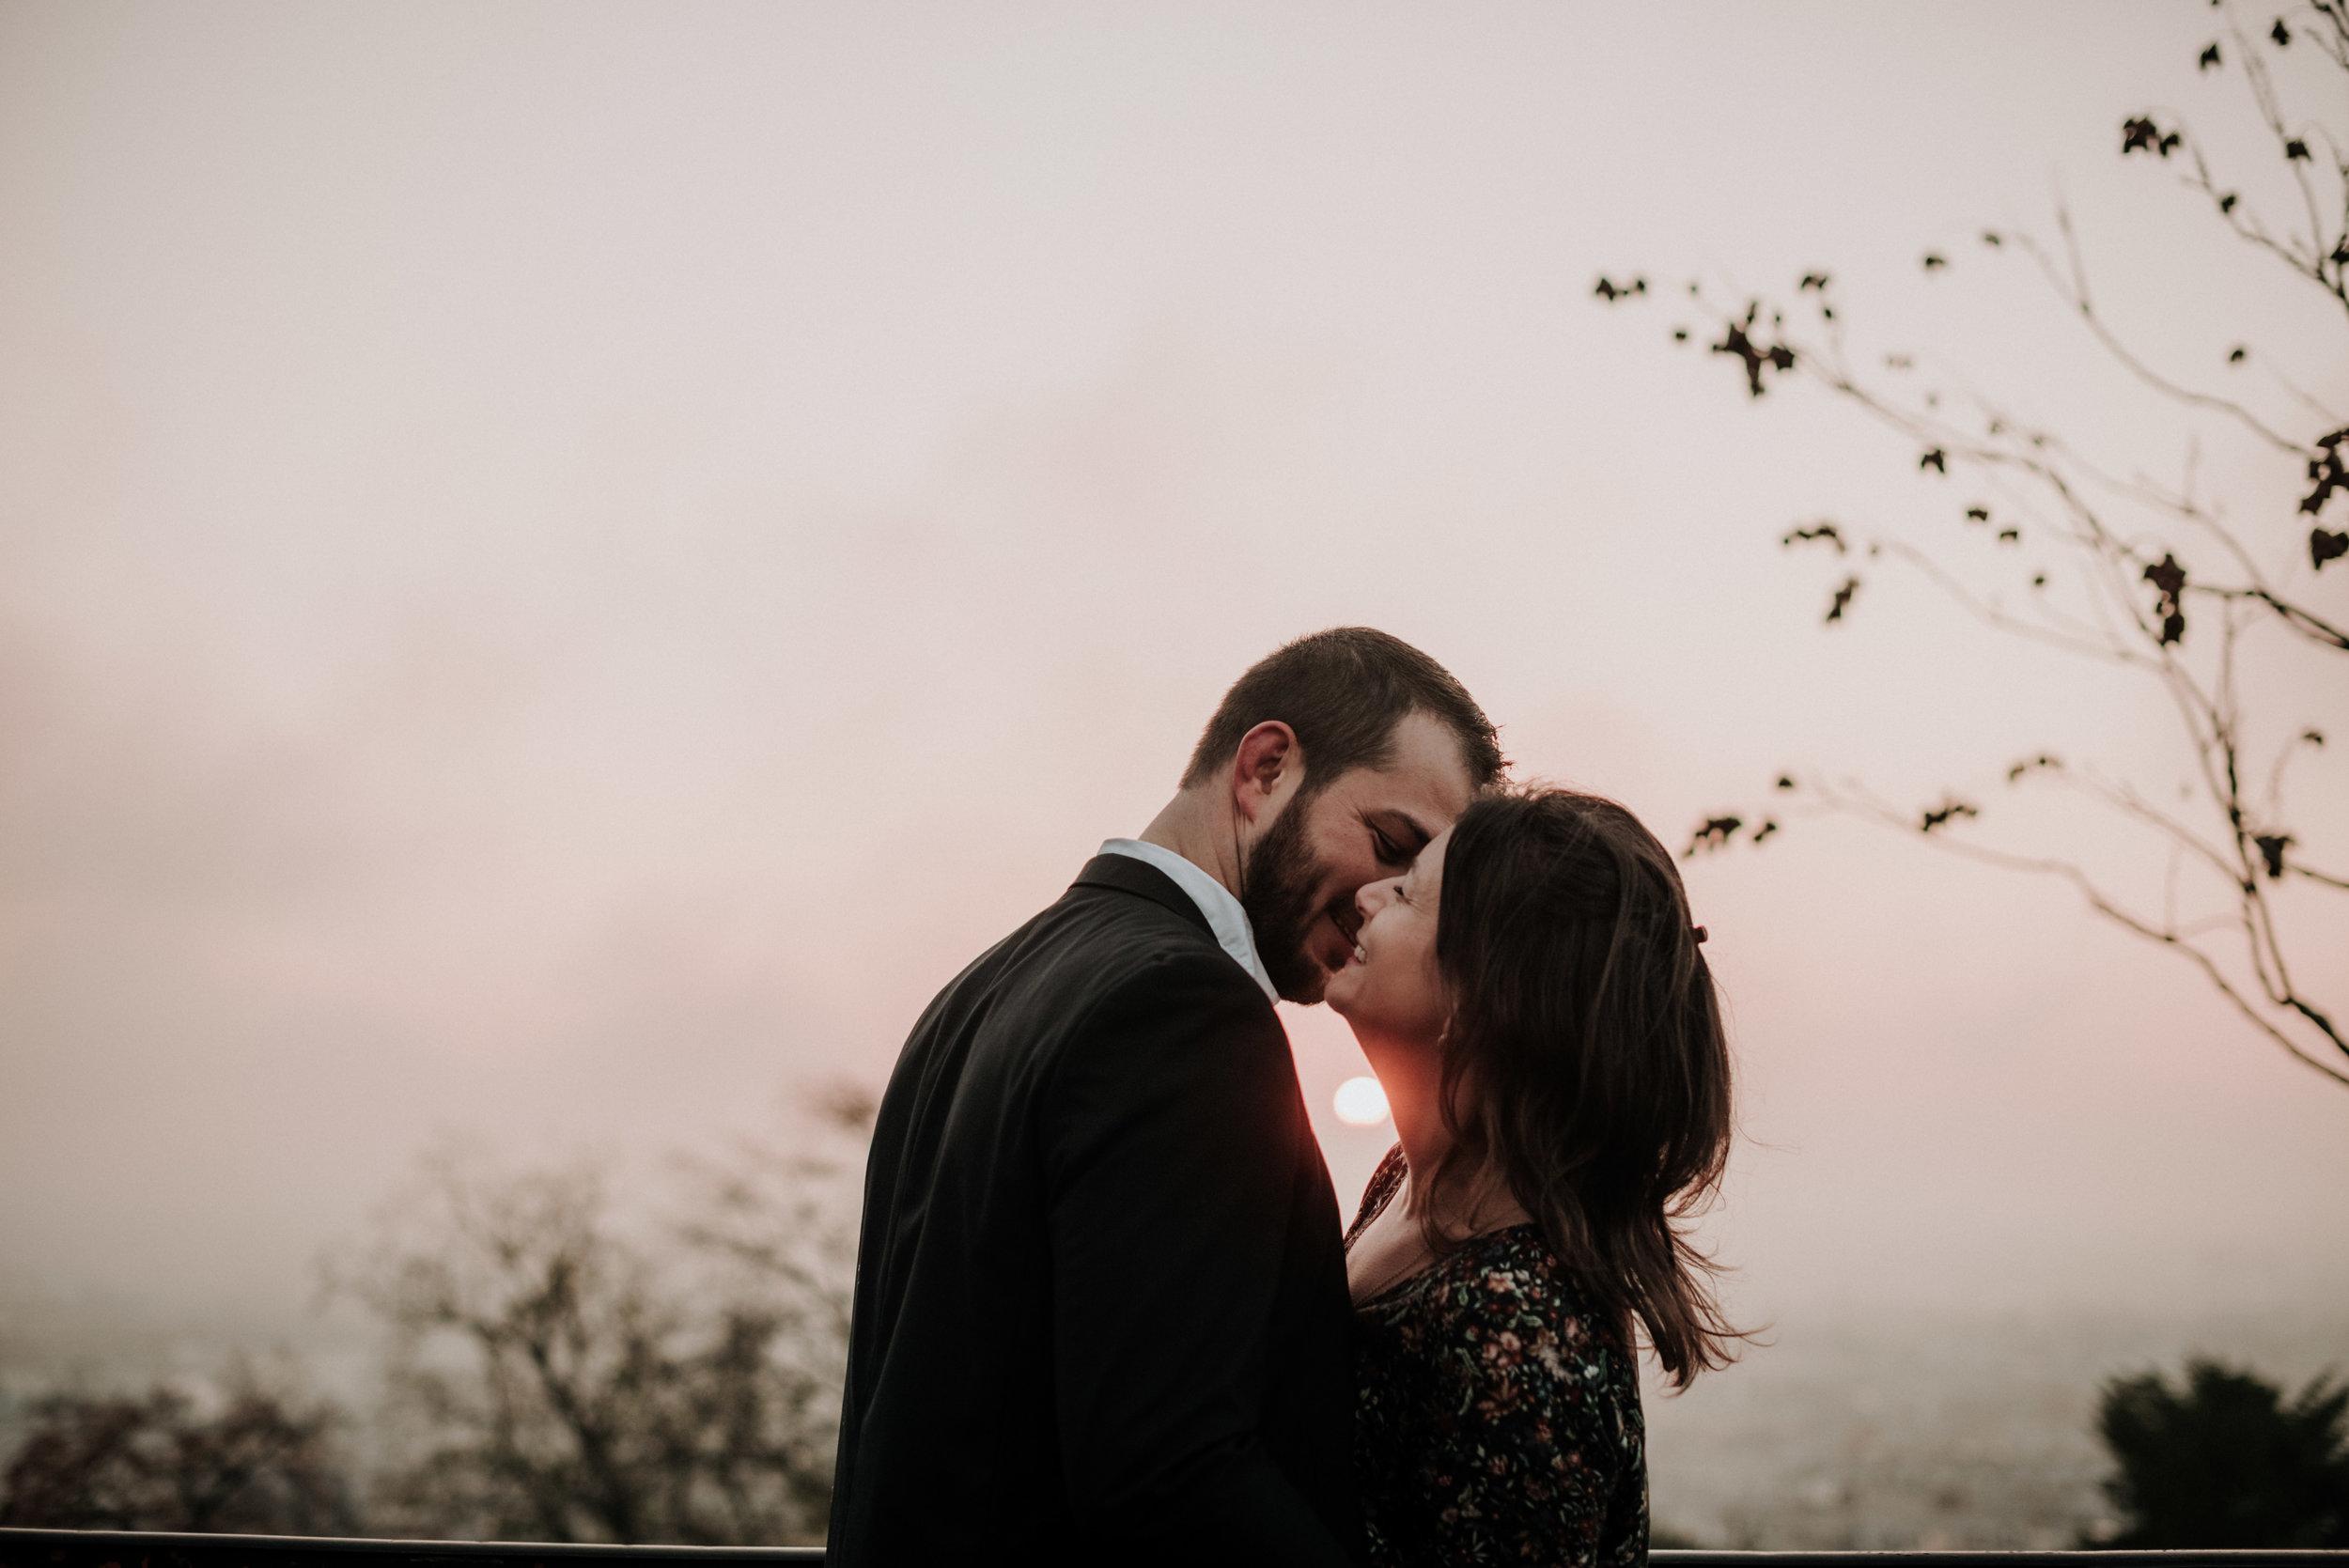 Léa-Fery-photographe-professionnel-lyon-rhone-alpes-portrait-creation-mariage-evenement-evenementiel-famille-5048.jpg